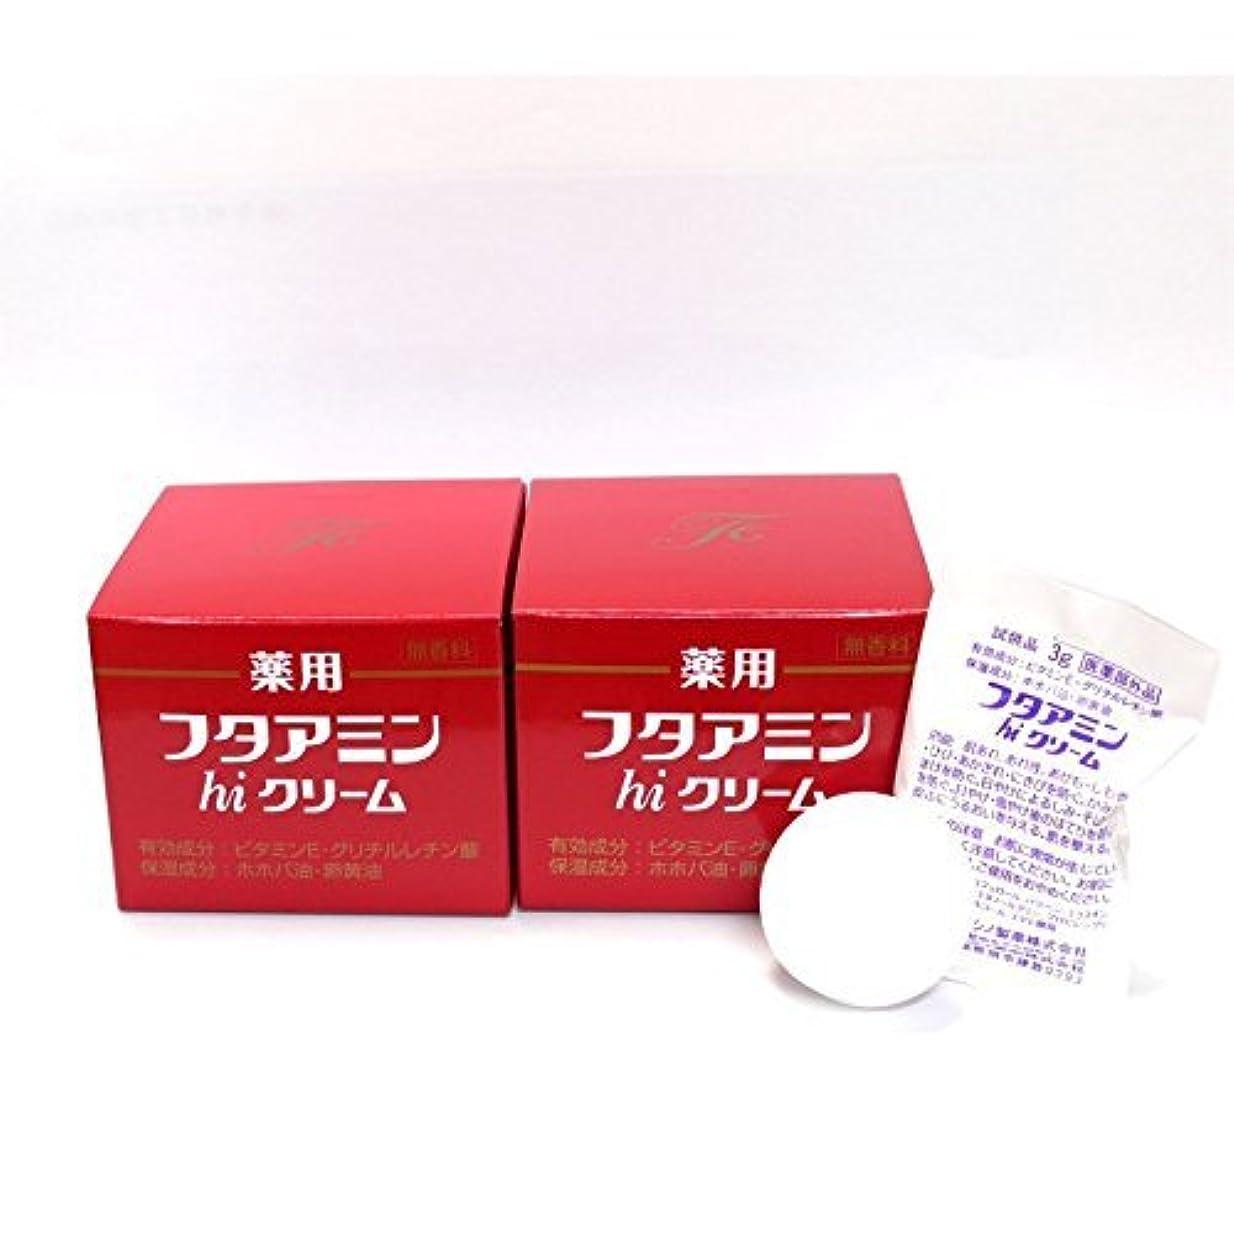 ケーキ体細胞秘書フタアミンhiクリーム 130g 2個セット  3gサンプル2個付